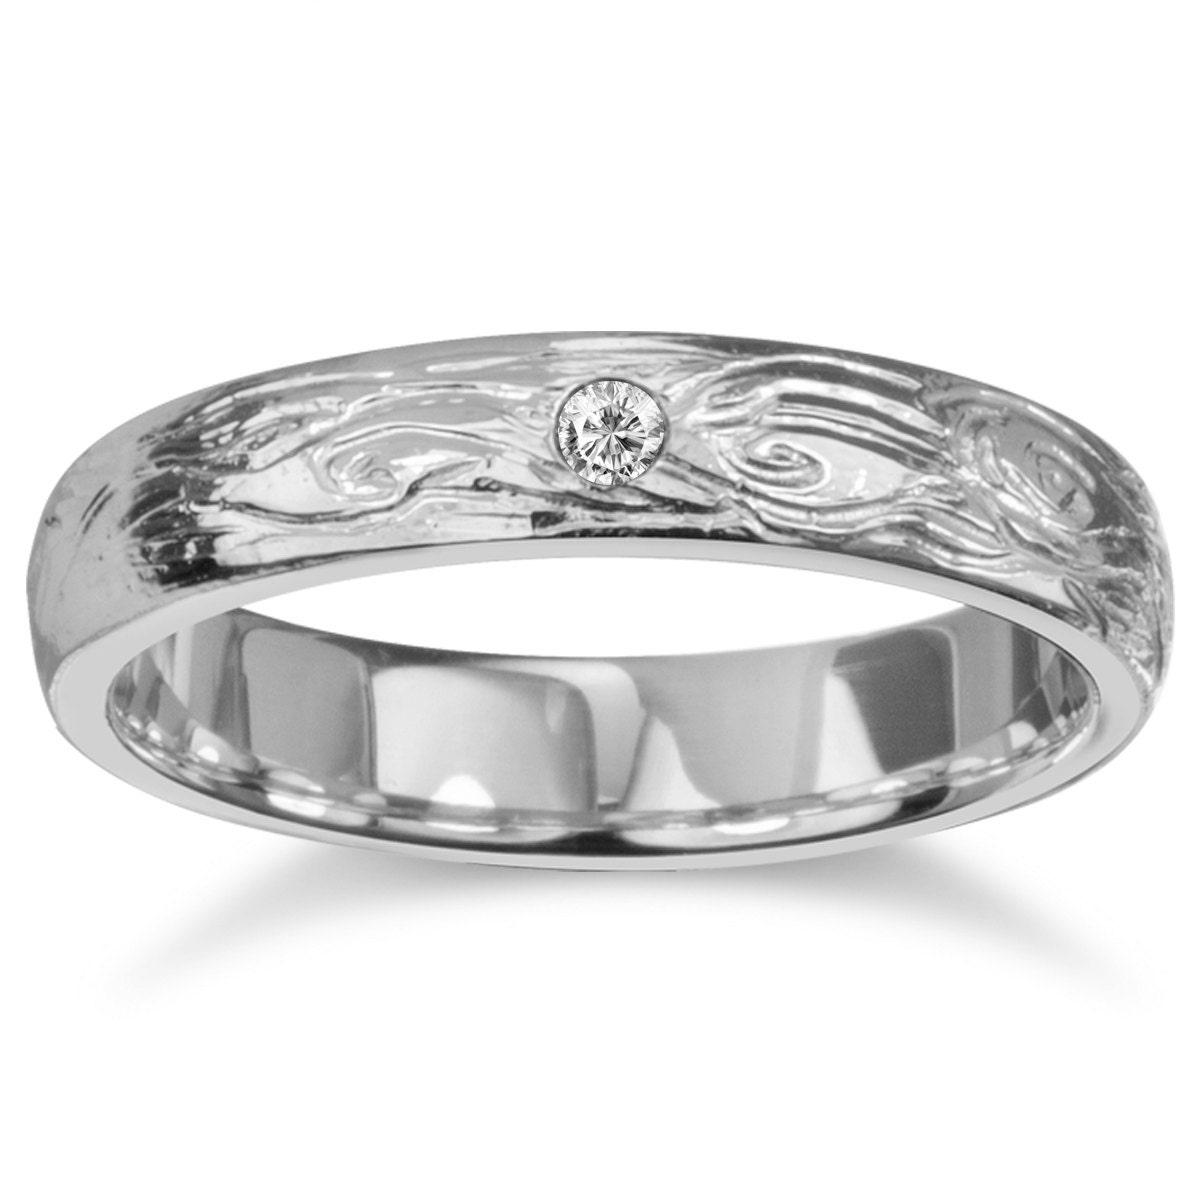 bark wedding band unisex wedding bands Tree Bark Wedding Band Diamond Wedding Ring Nature Inspired Ring Unisex Alternative Ring